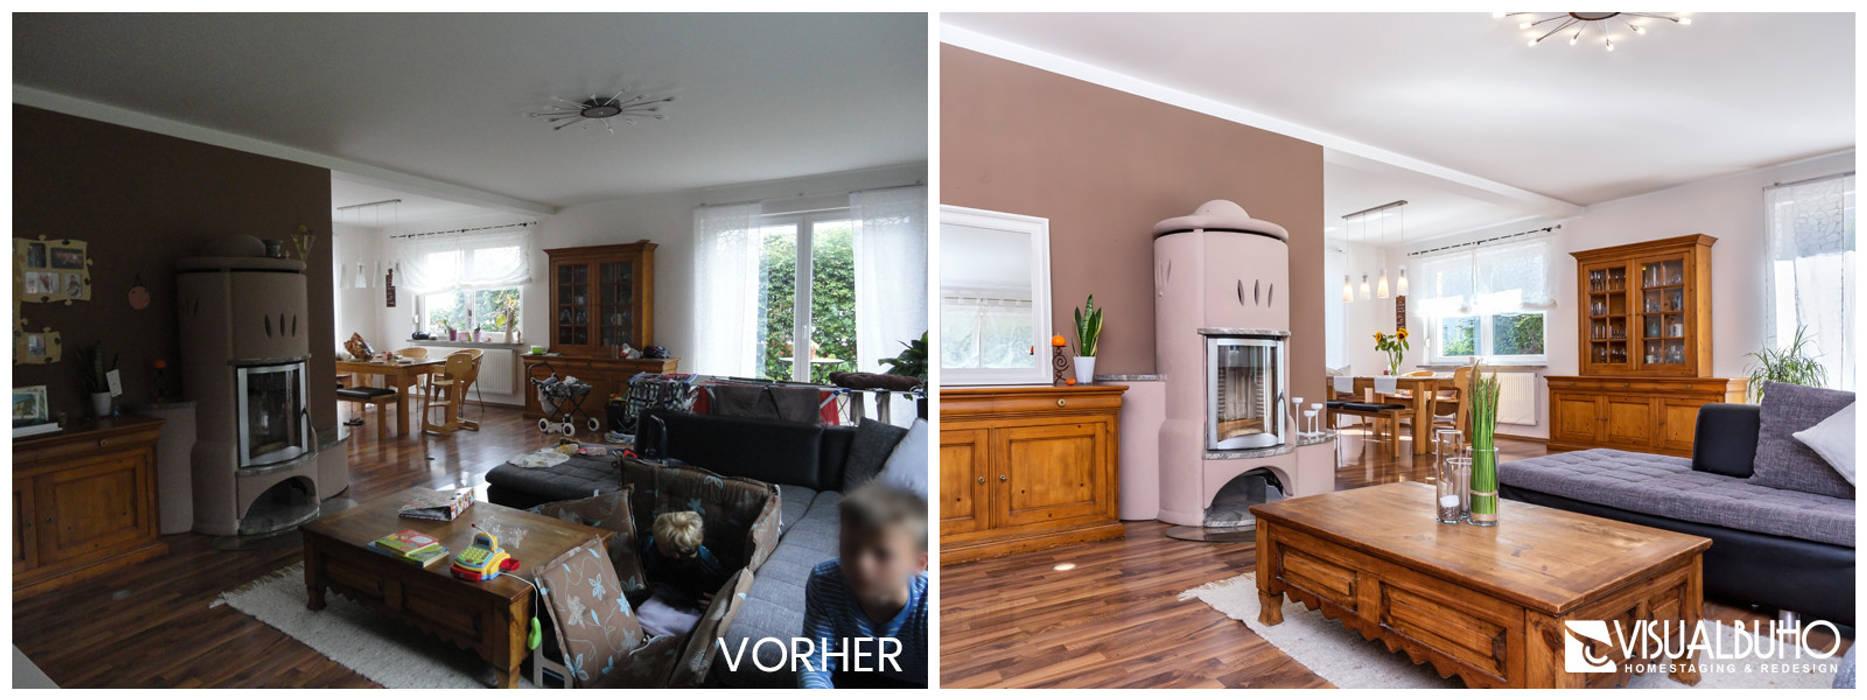 Vorher-nachher wohnbereich wohnzimmer im landhausstil von ...